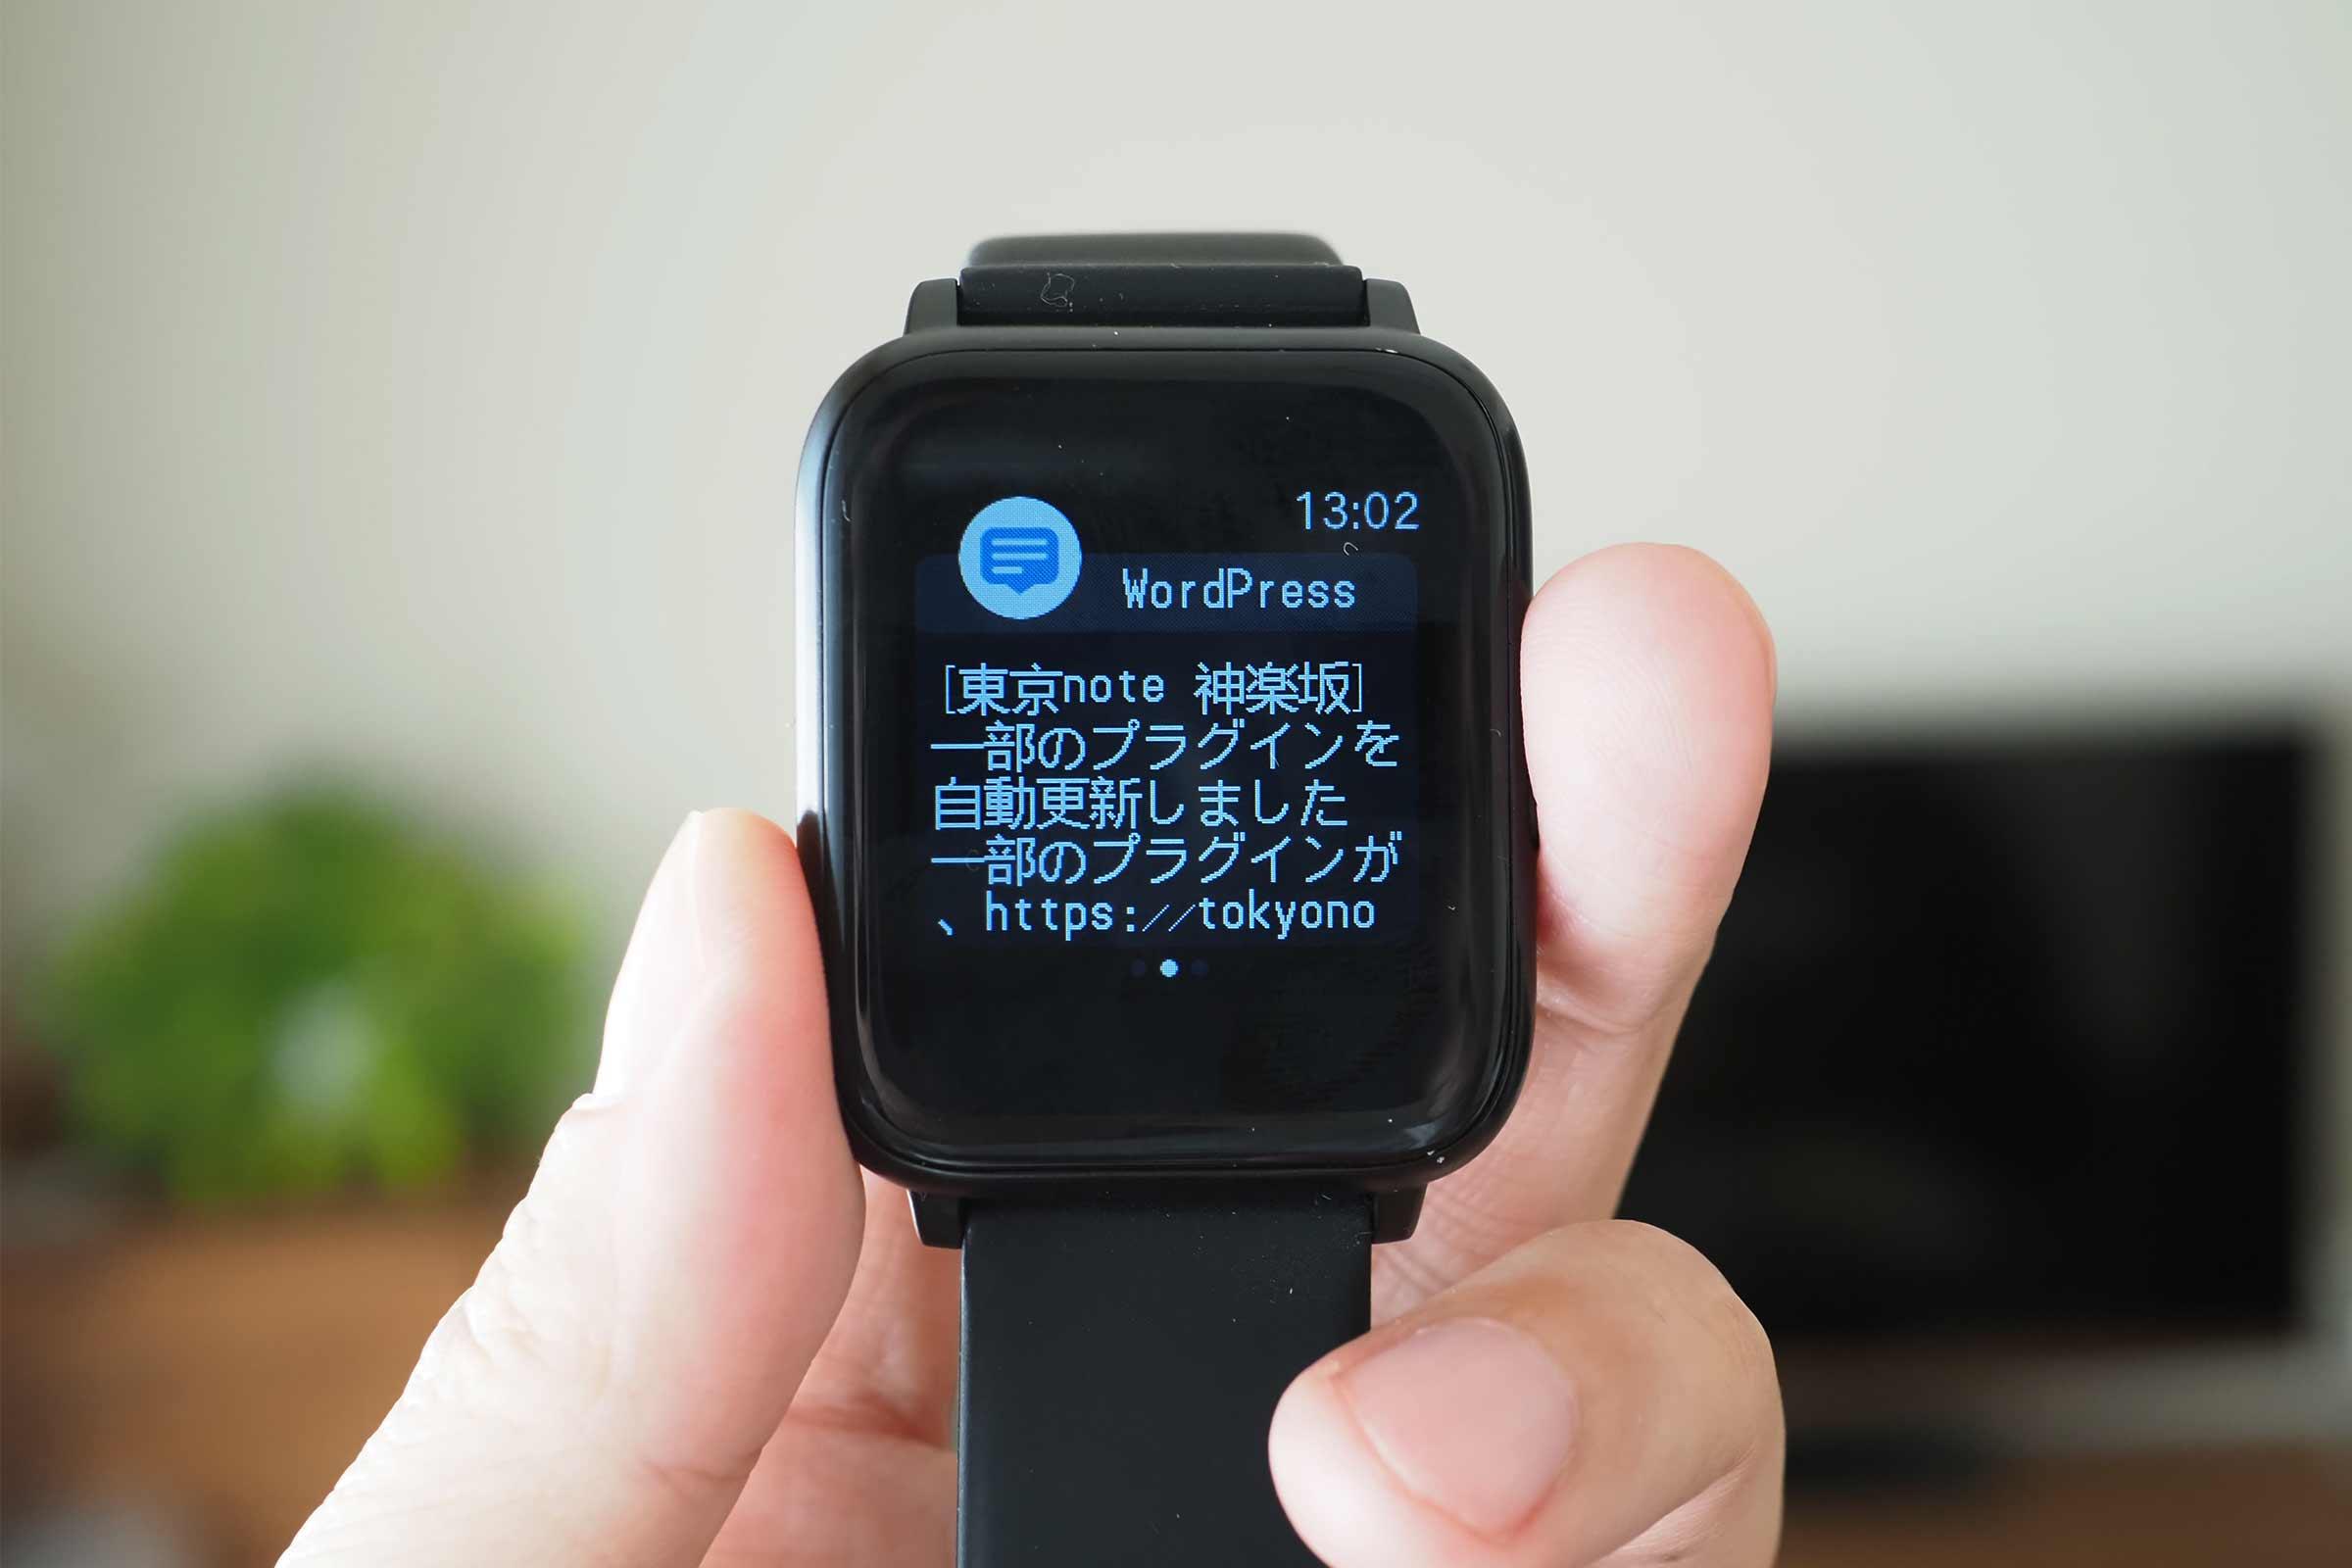 スマートウォッチ,Apple Watch,apple,高機能,安い,中華,通知